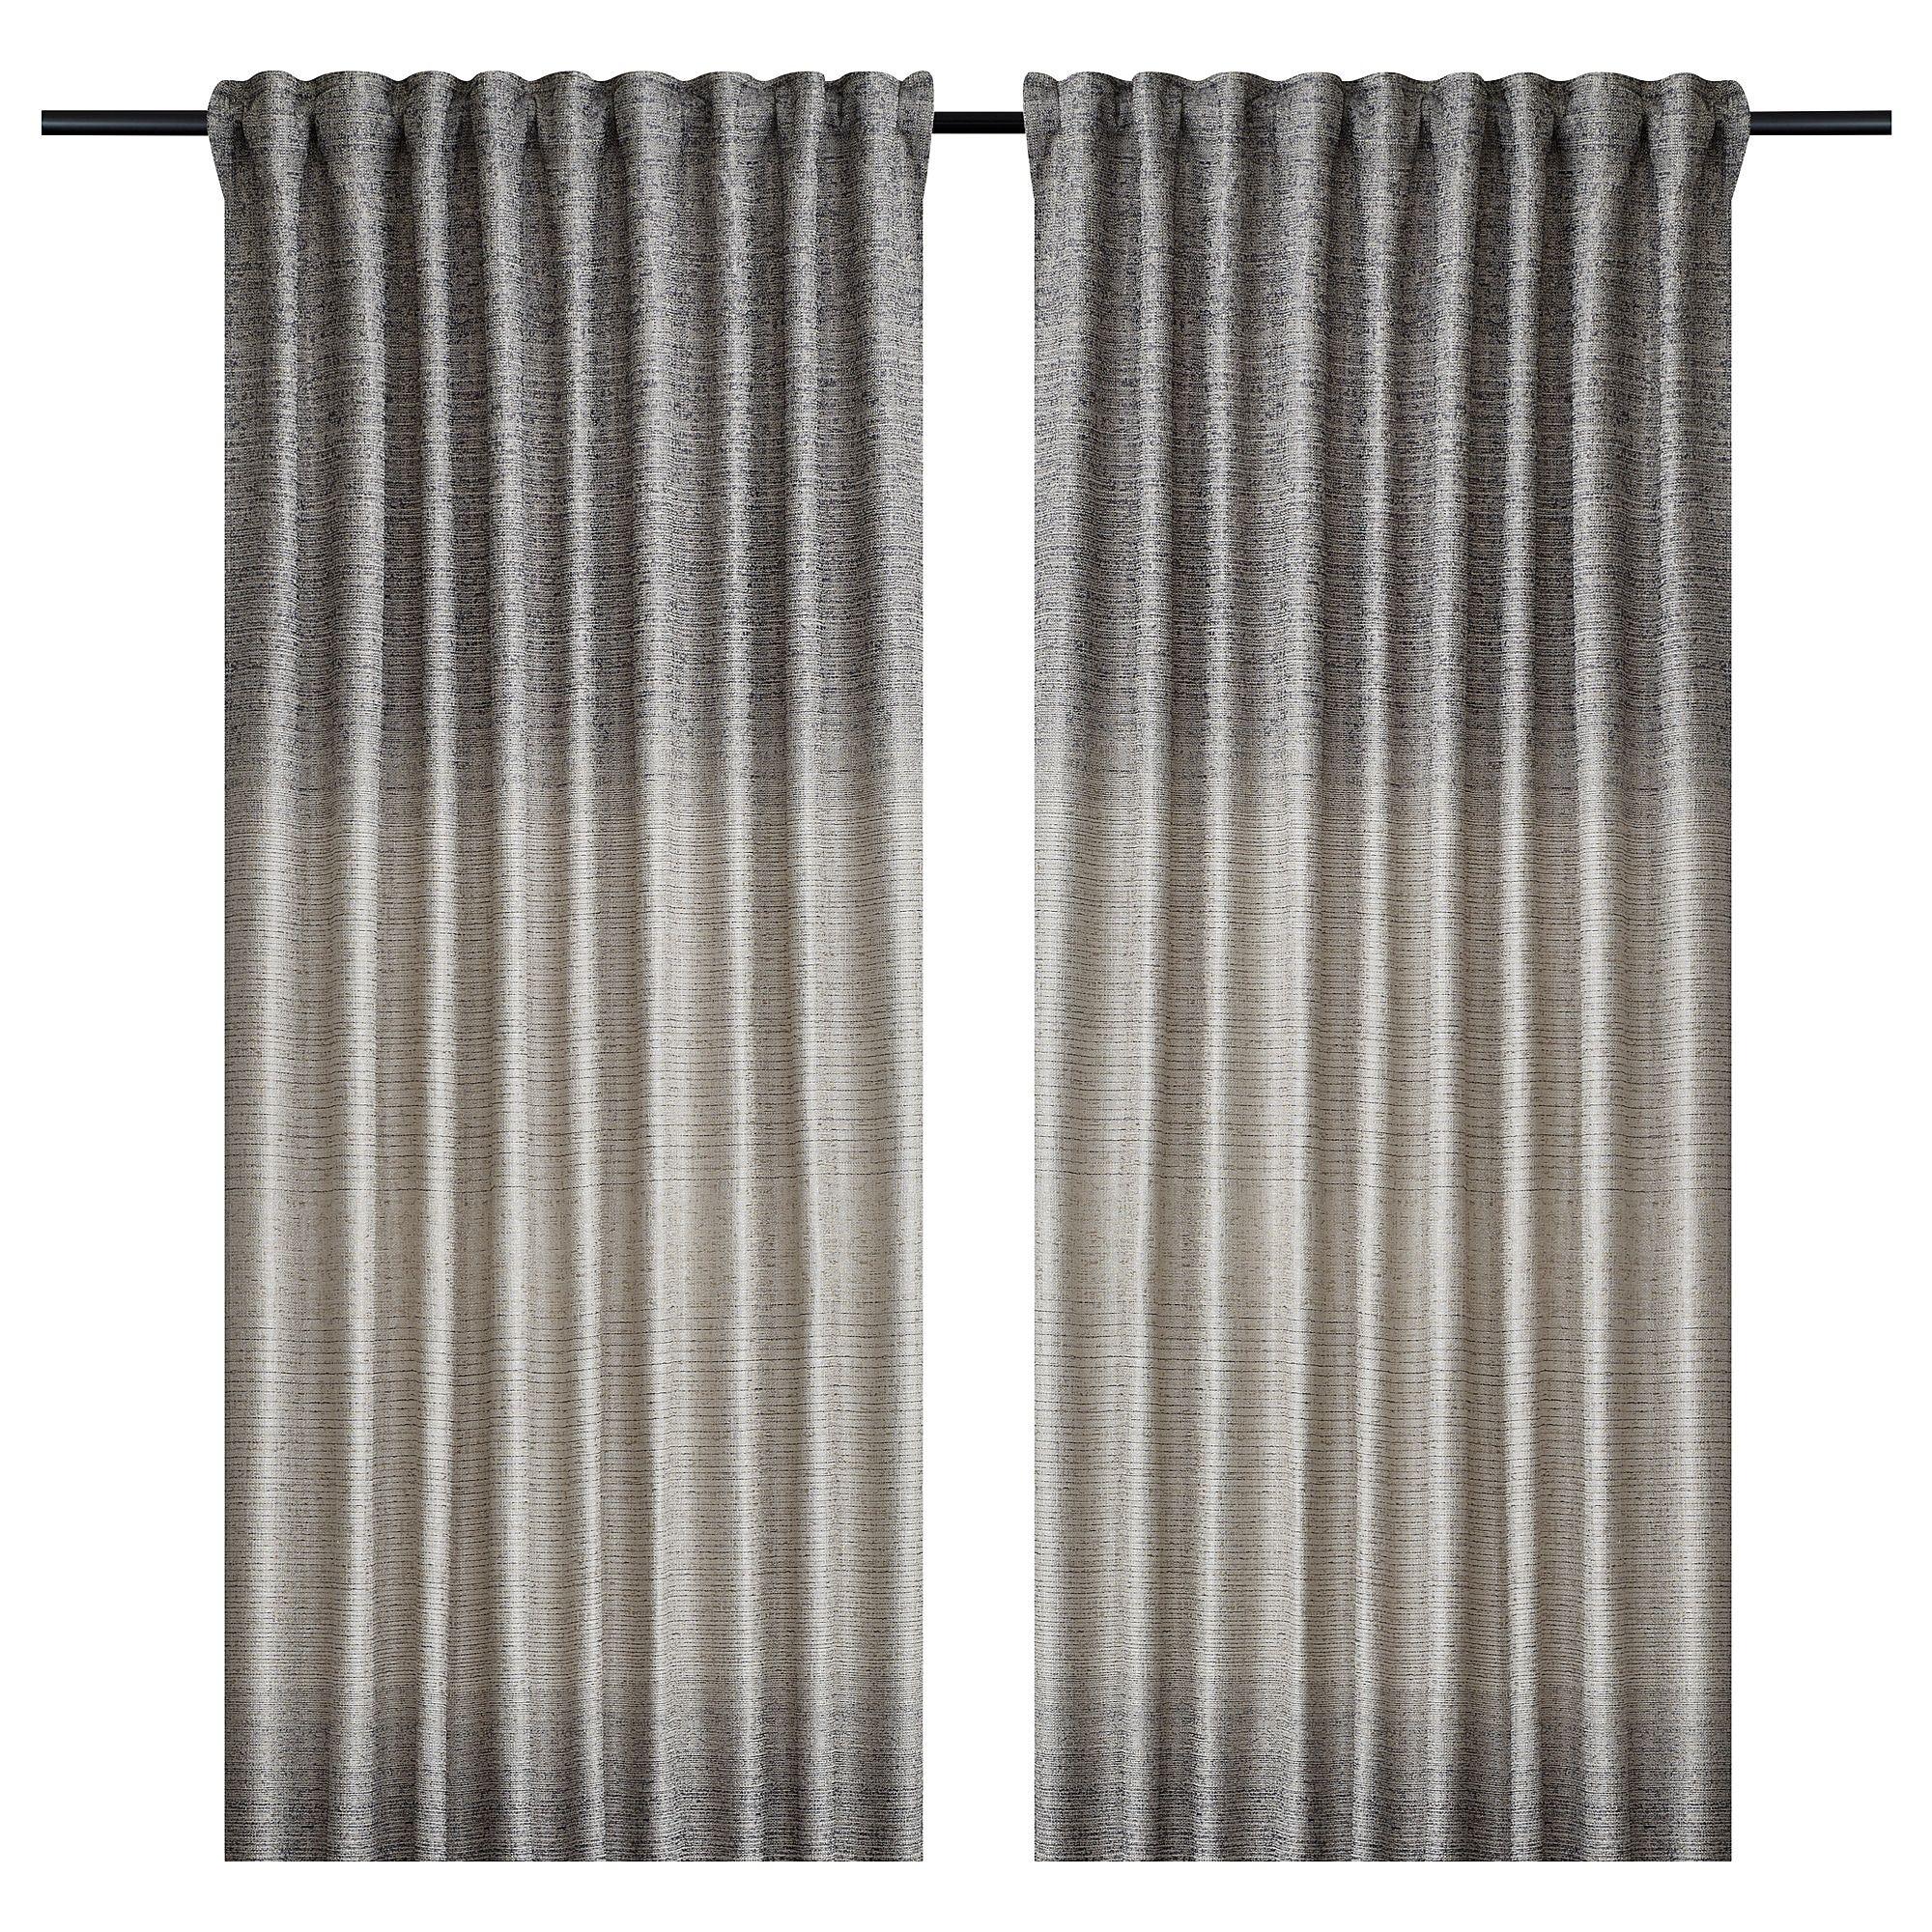 Bjarnhild Curtains 1 Pair Beige Ikea Curtains Curtain Hooks